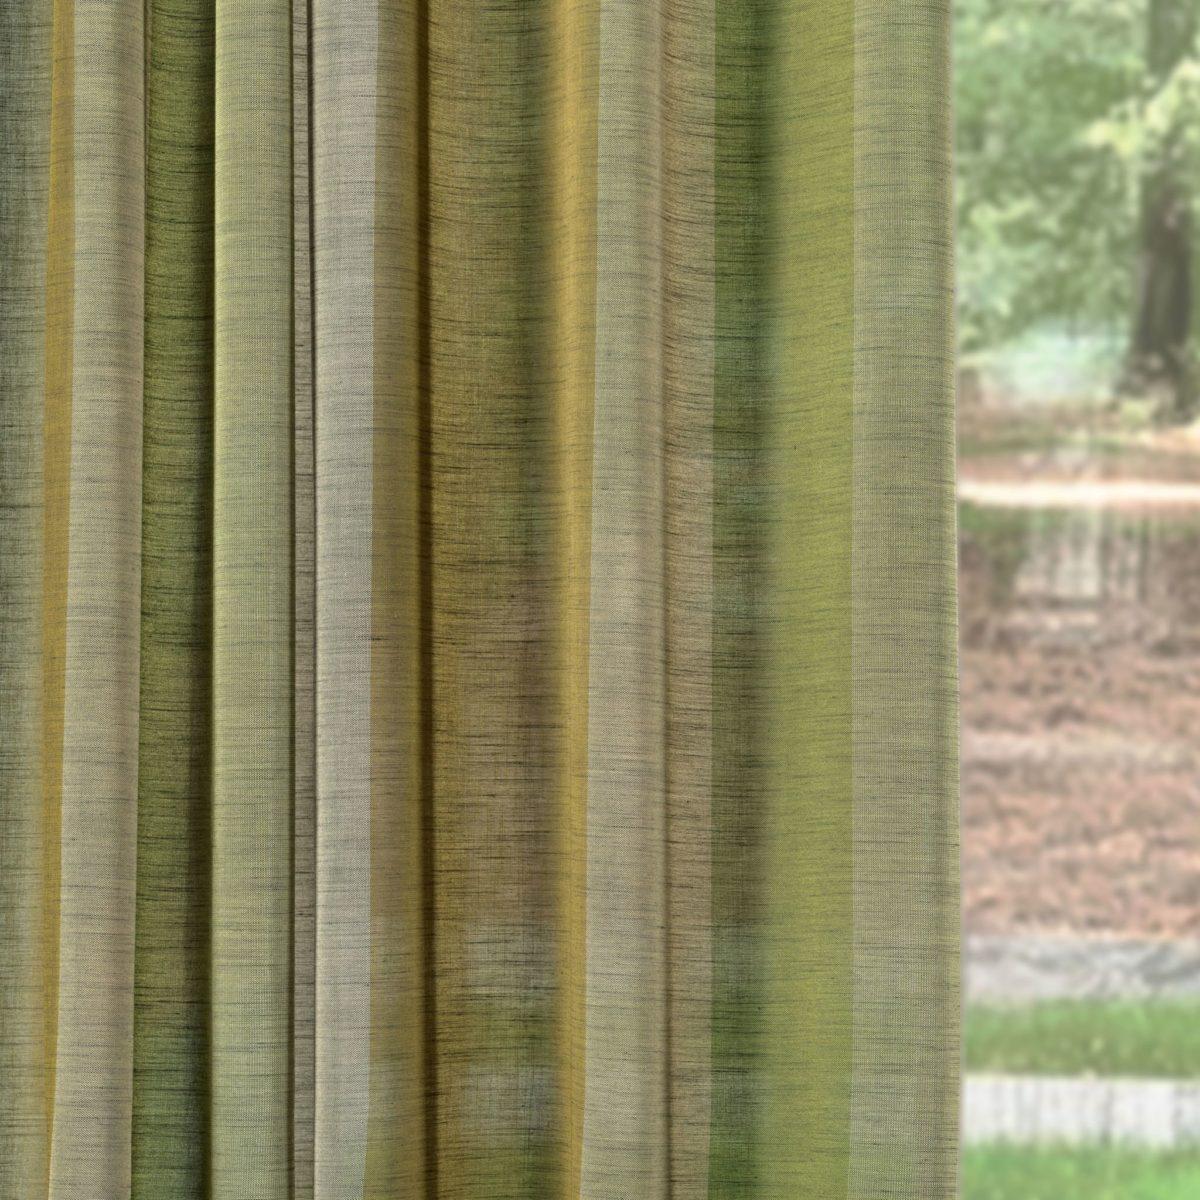 Ploeg gordijnen in between vitrage stoffen collectie 0103870057 oost 57 001 detail4